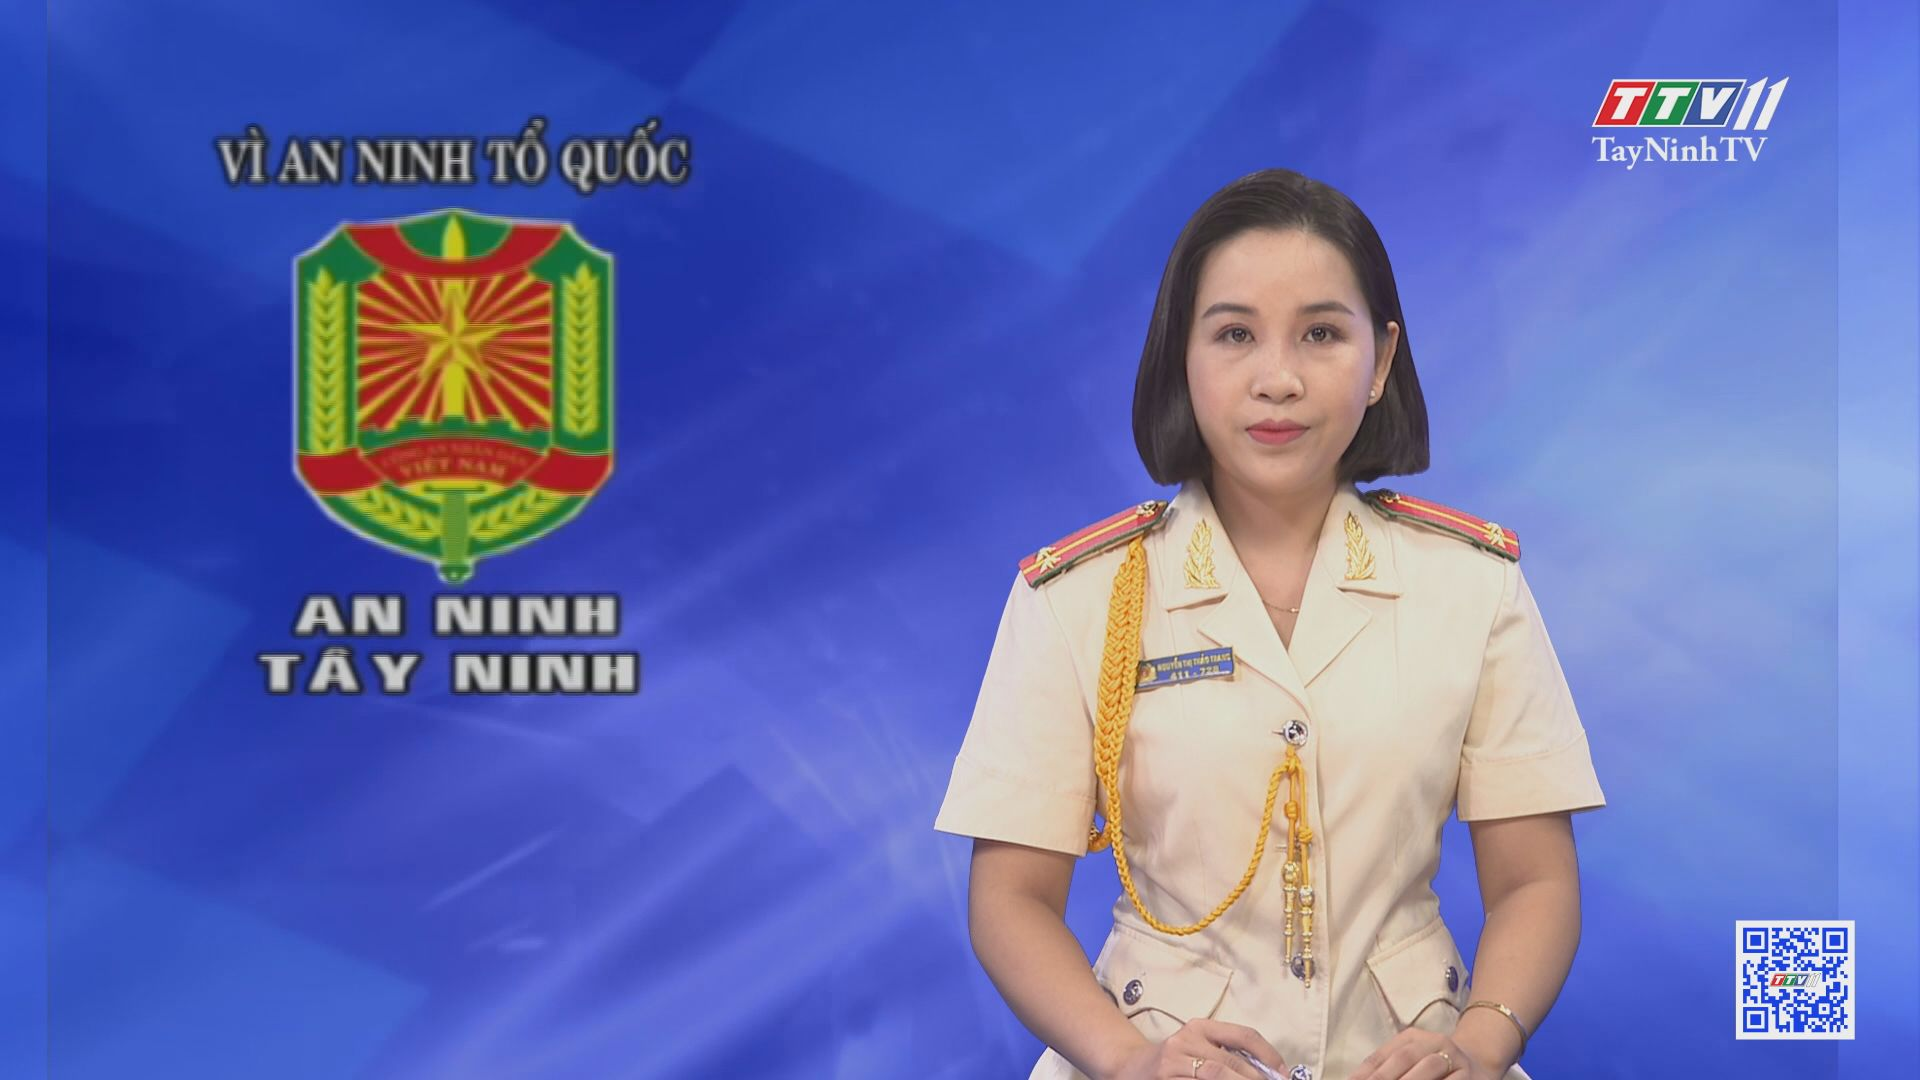 Trao quyết định hưởng chế độ hưu trí cho đại tá Nguyễn Tri Phương nguyên Giám đốc CA tỉnh Tây Ninh | VÌ AN NINH TỔ QUỐC | TayNinhTV